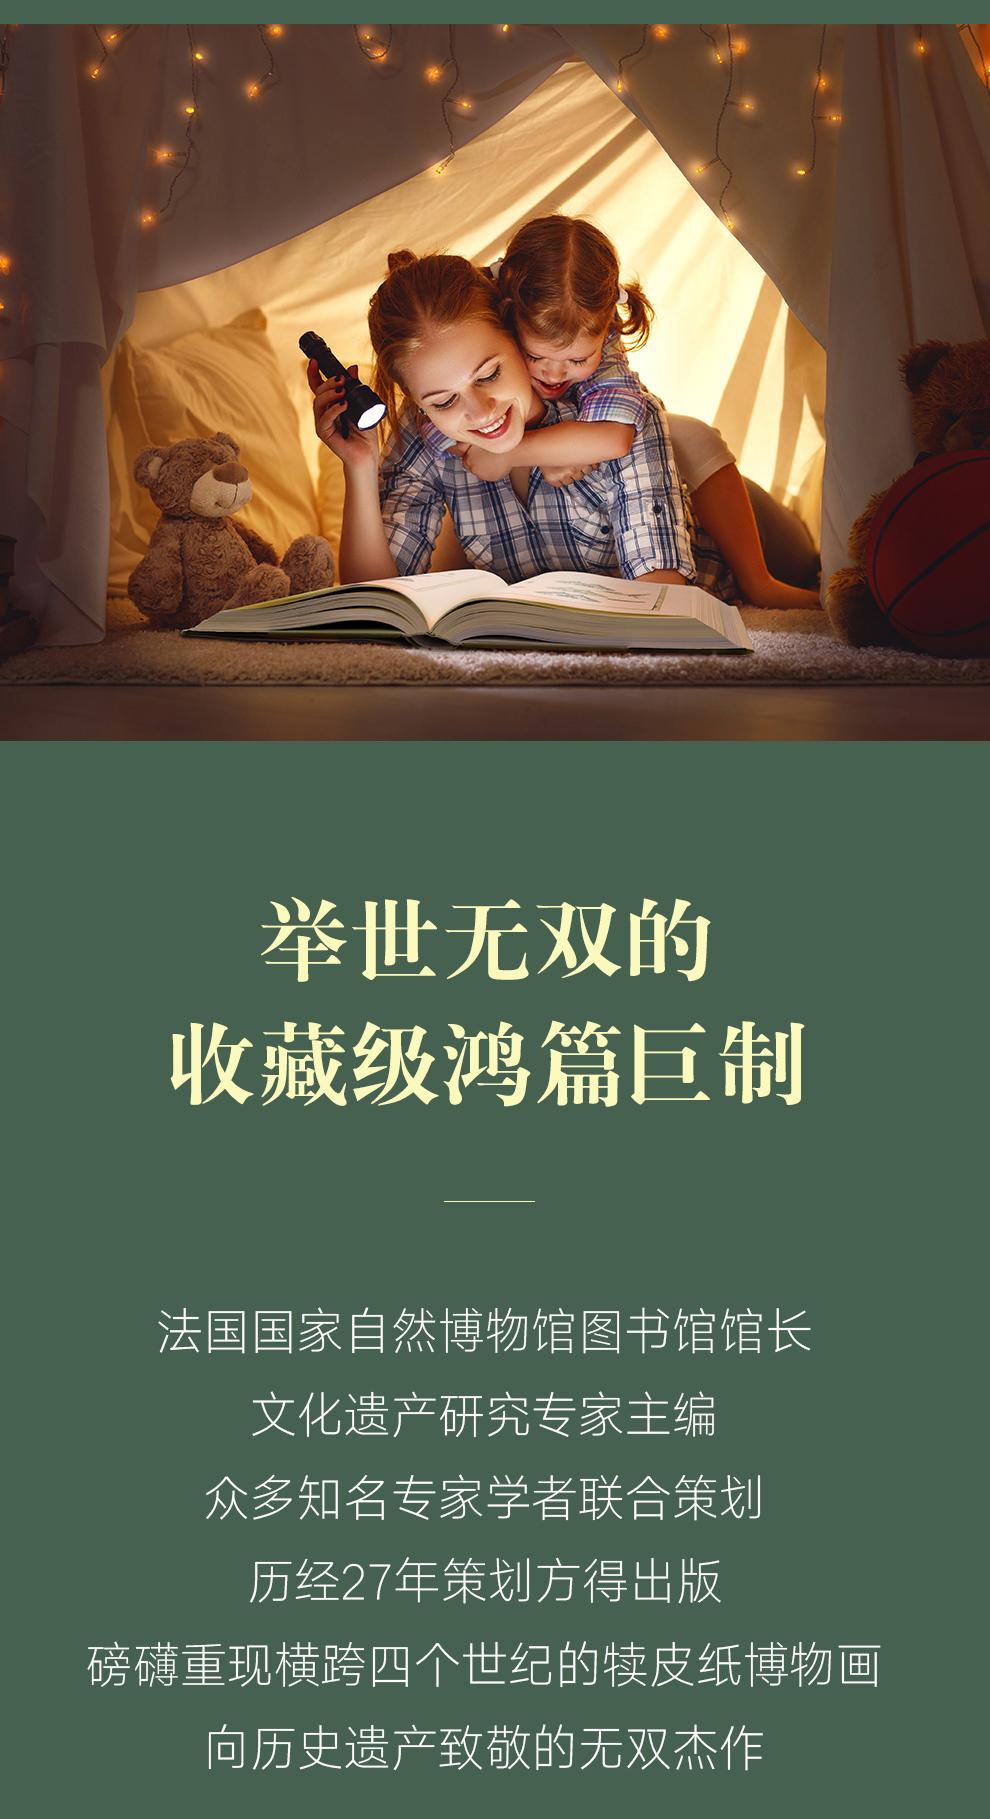 有书至美-02_01.jpg